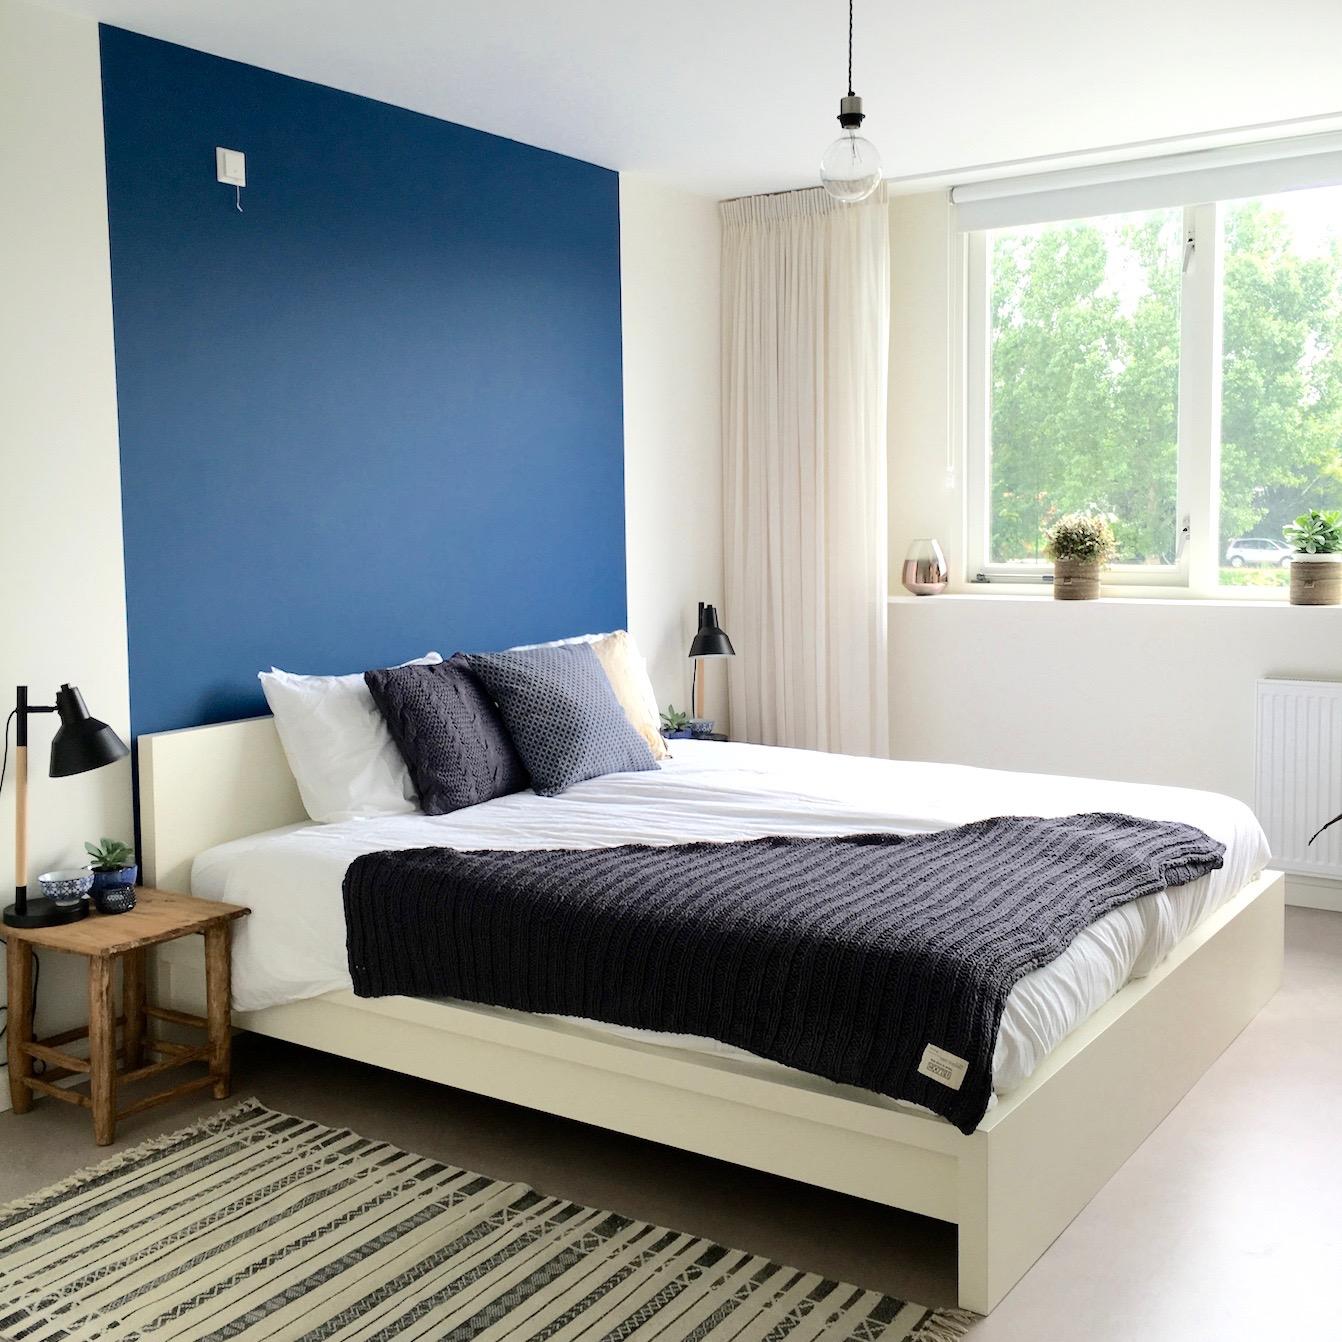 SBZ Interieur Design | Interieuradvies & styling